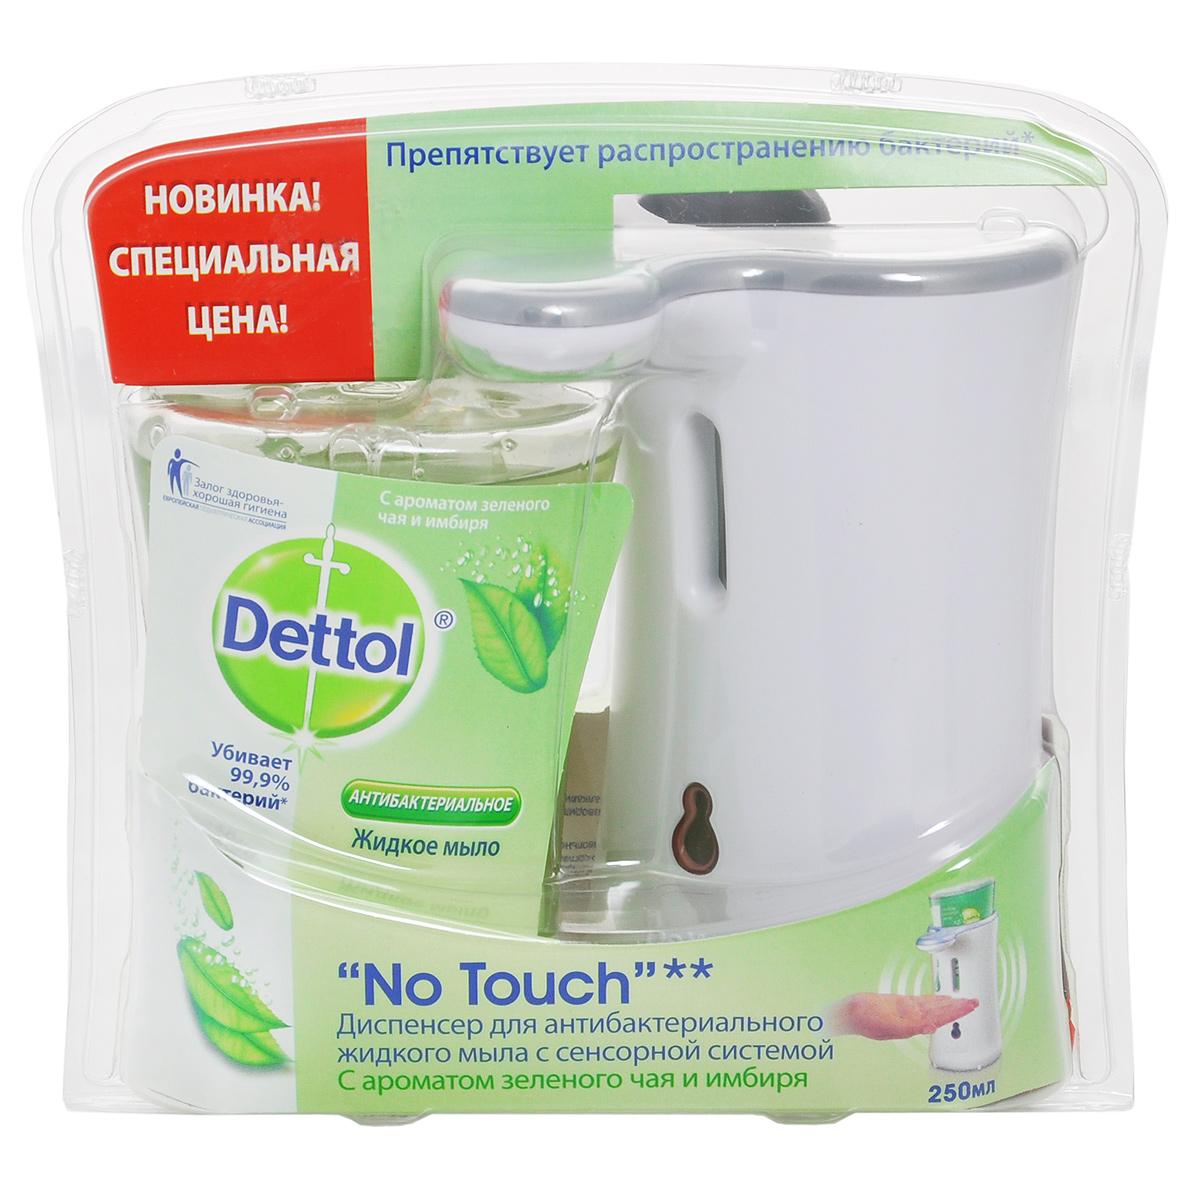 Dettol Диспенсер No Touch для антибактериального жидкого мыла8123586Диспенсер для антибактериального жидкого мыла Dettol с сенсорной системой No Touch помогает превратить мытье рук в быструю и легкую процедуру. Диспенсер удобен в использовании, мыло дозируется автоматически, необходимо просто намочить руки и поднести их к сенсору диспенсера. Антибактериальное жидкое мыло для рук с ароматом зеленого чая и имбиря содержит увлажняющие компоненты, которые заботятся о ваших руках, и одновременно убивают 99,9% бактерий.В комплект входят: диспенсер, сменный блок с антибактериальным жидким мылом для рук, 3 батарейки. Характеристики:Объем мыла: 250 мл. Размер диспенсера: 9 см x 11 см x 14 см. Производитель: Польша, Франция. Артикул:0362849. Товар сертифицирован.